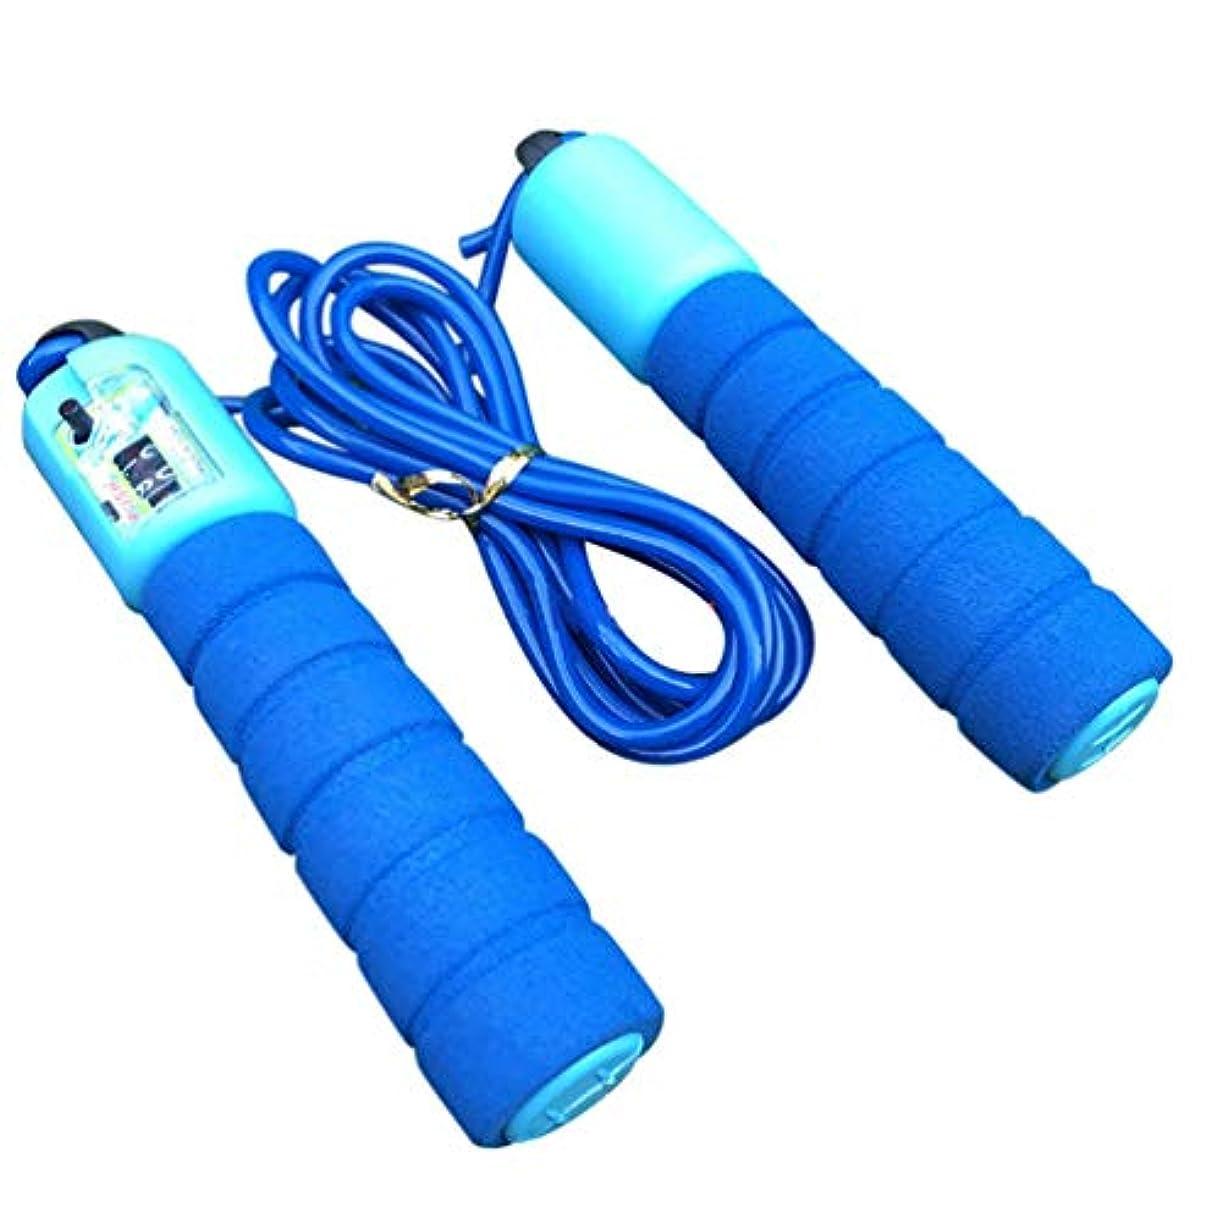 田舎麻痺させるラウンジ調整可能なプロフェッショナルカウント縄跳び自動カウントジャンプロープフィットネス運動高速カウントジャンプロープ - 青